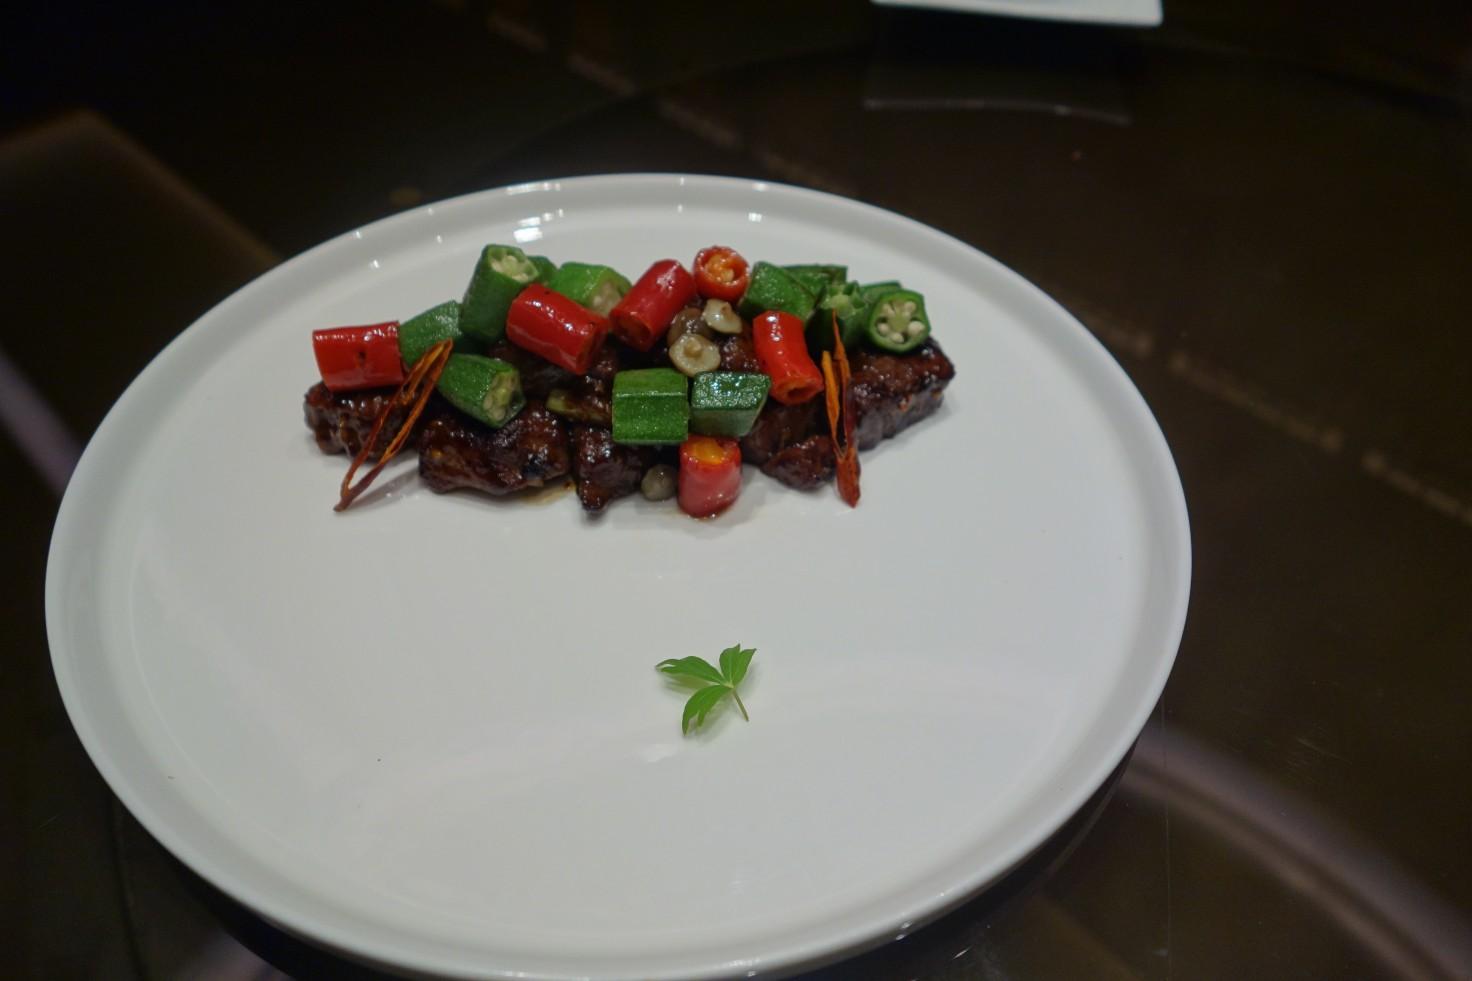 「秋葵野菌香辣炒牛柳粒」的各式調味料均衡,帶出牛肉的美味(謝明玲攝)。